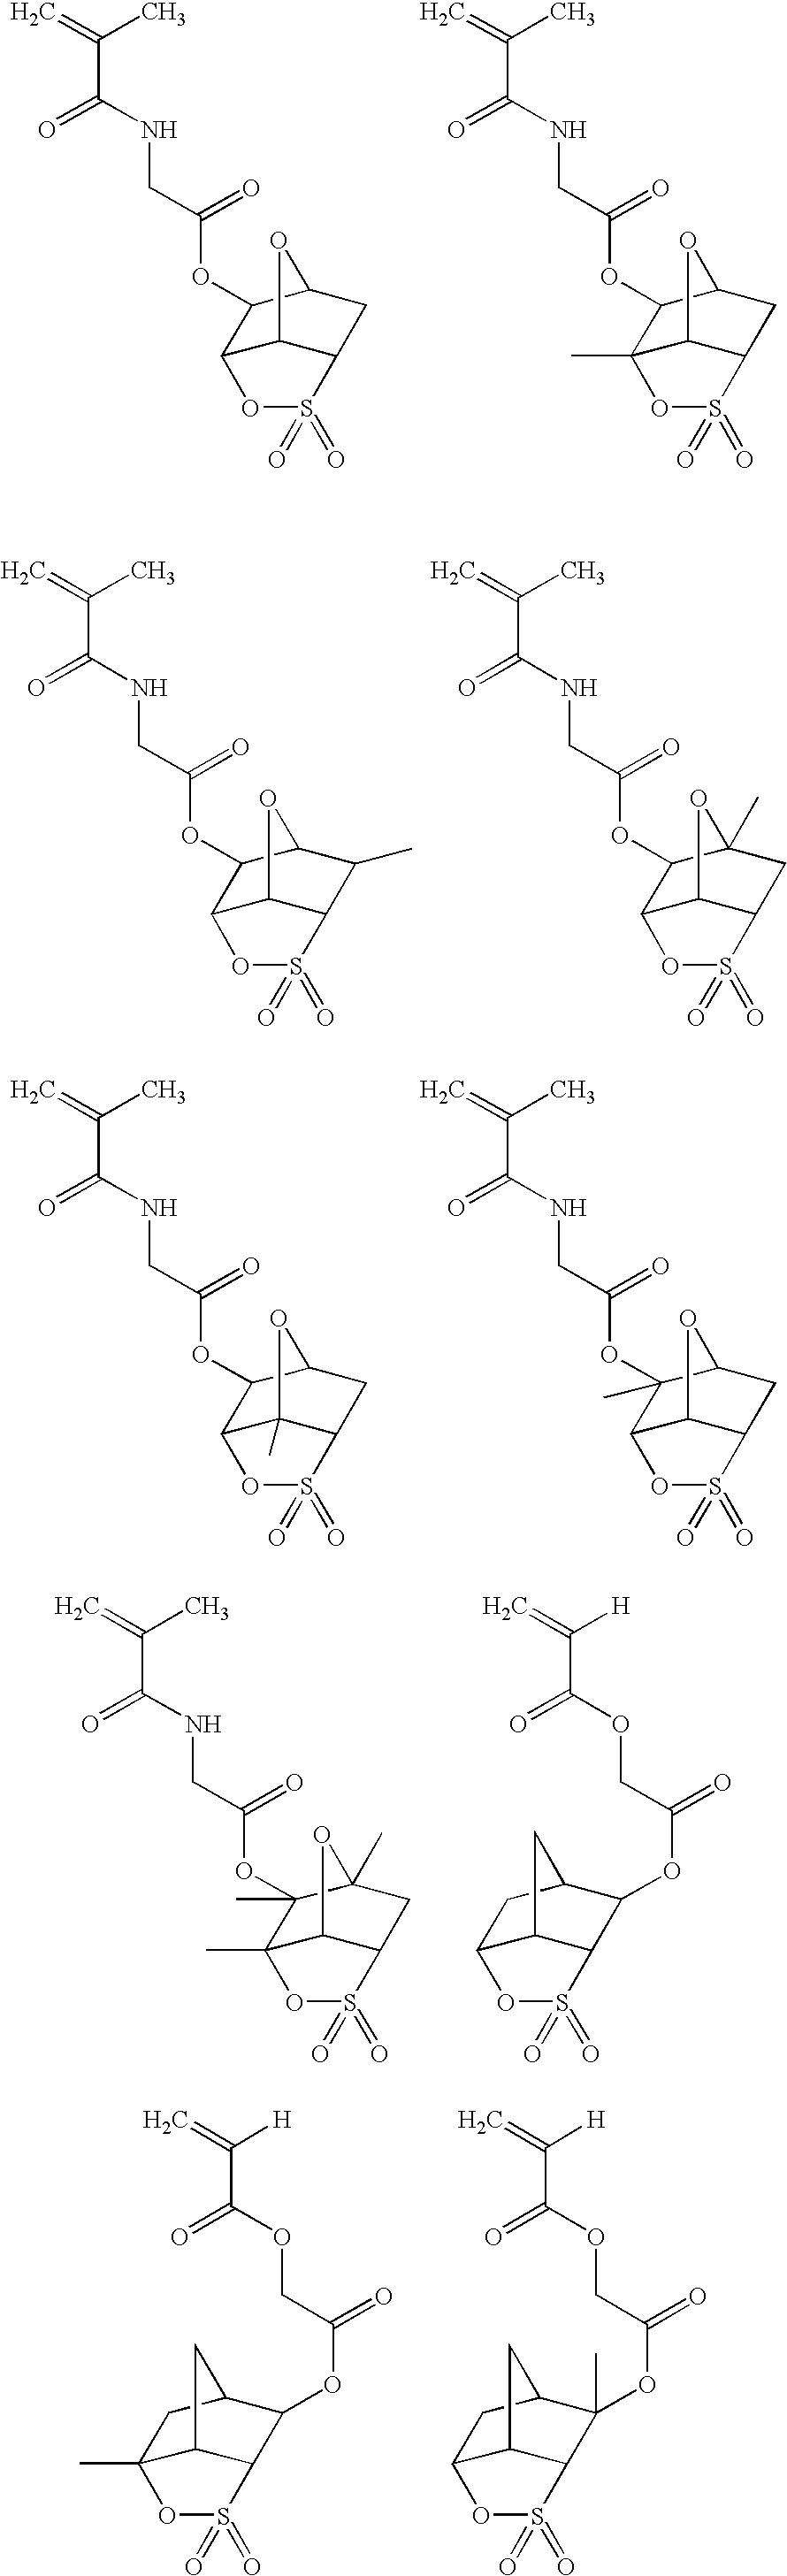 Figure US20100323296A1-20101223-C00026